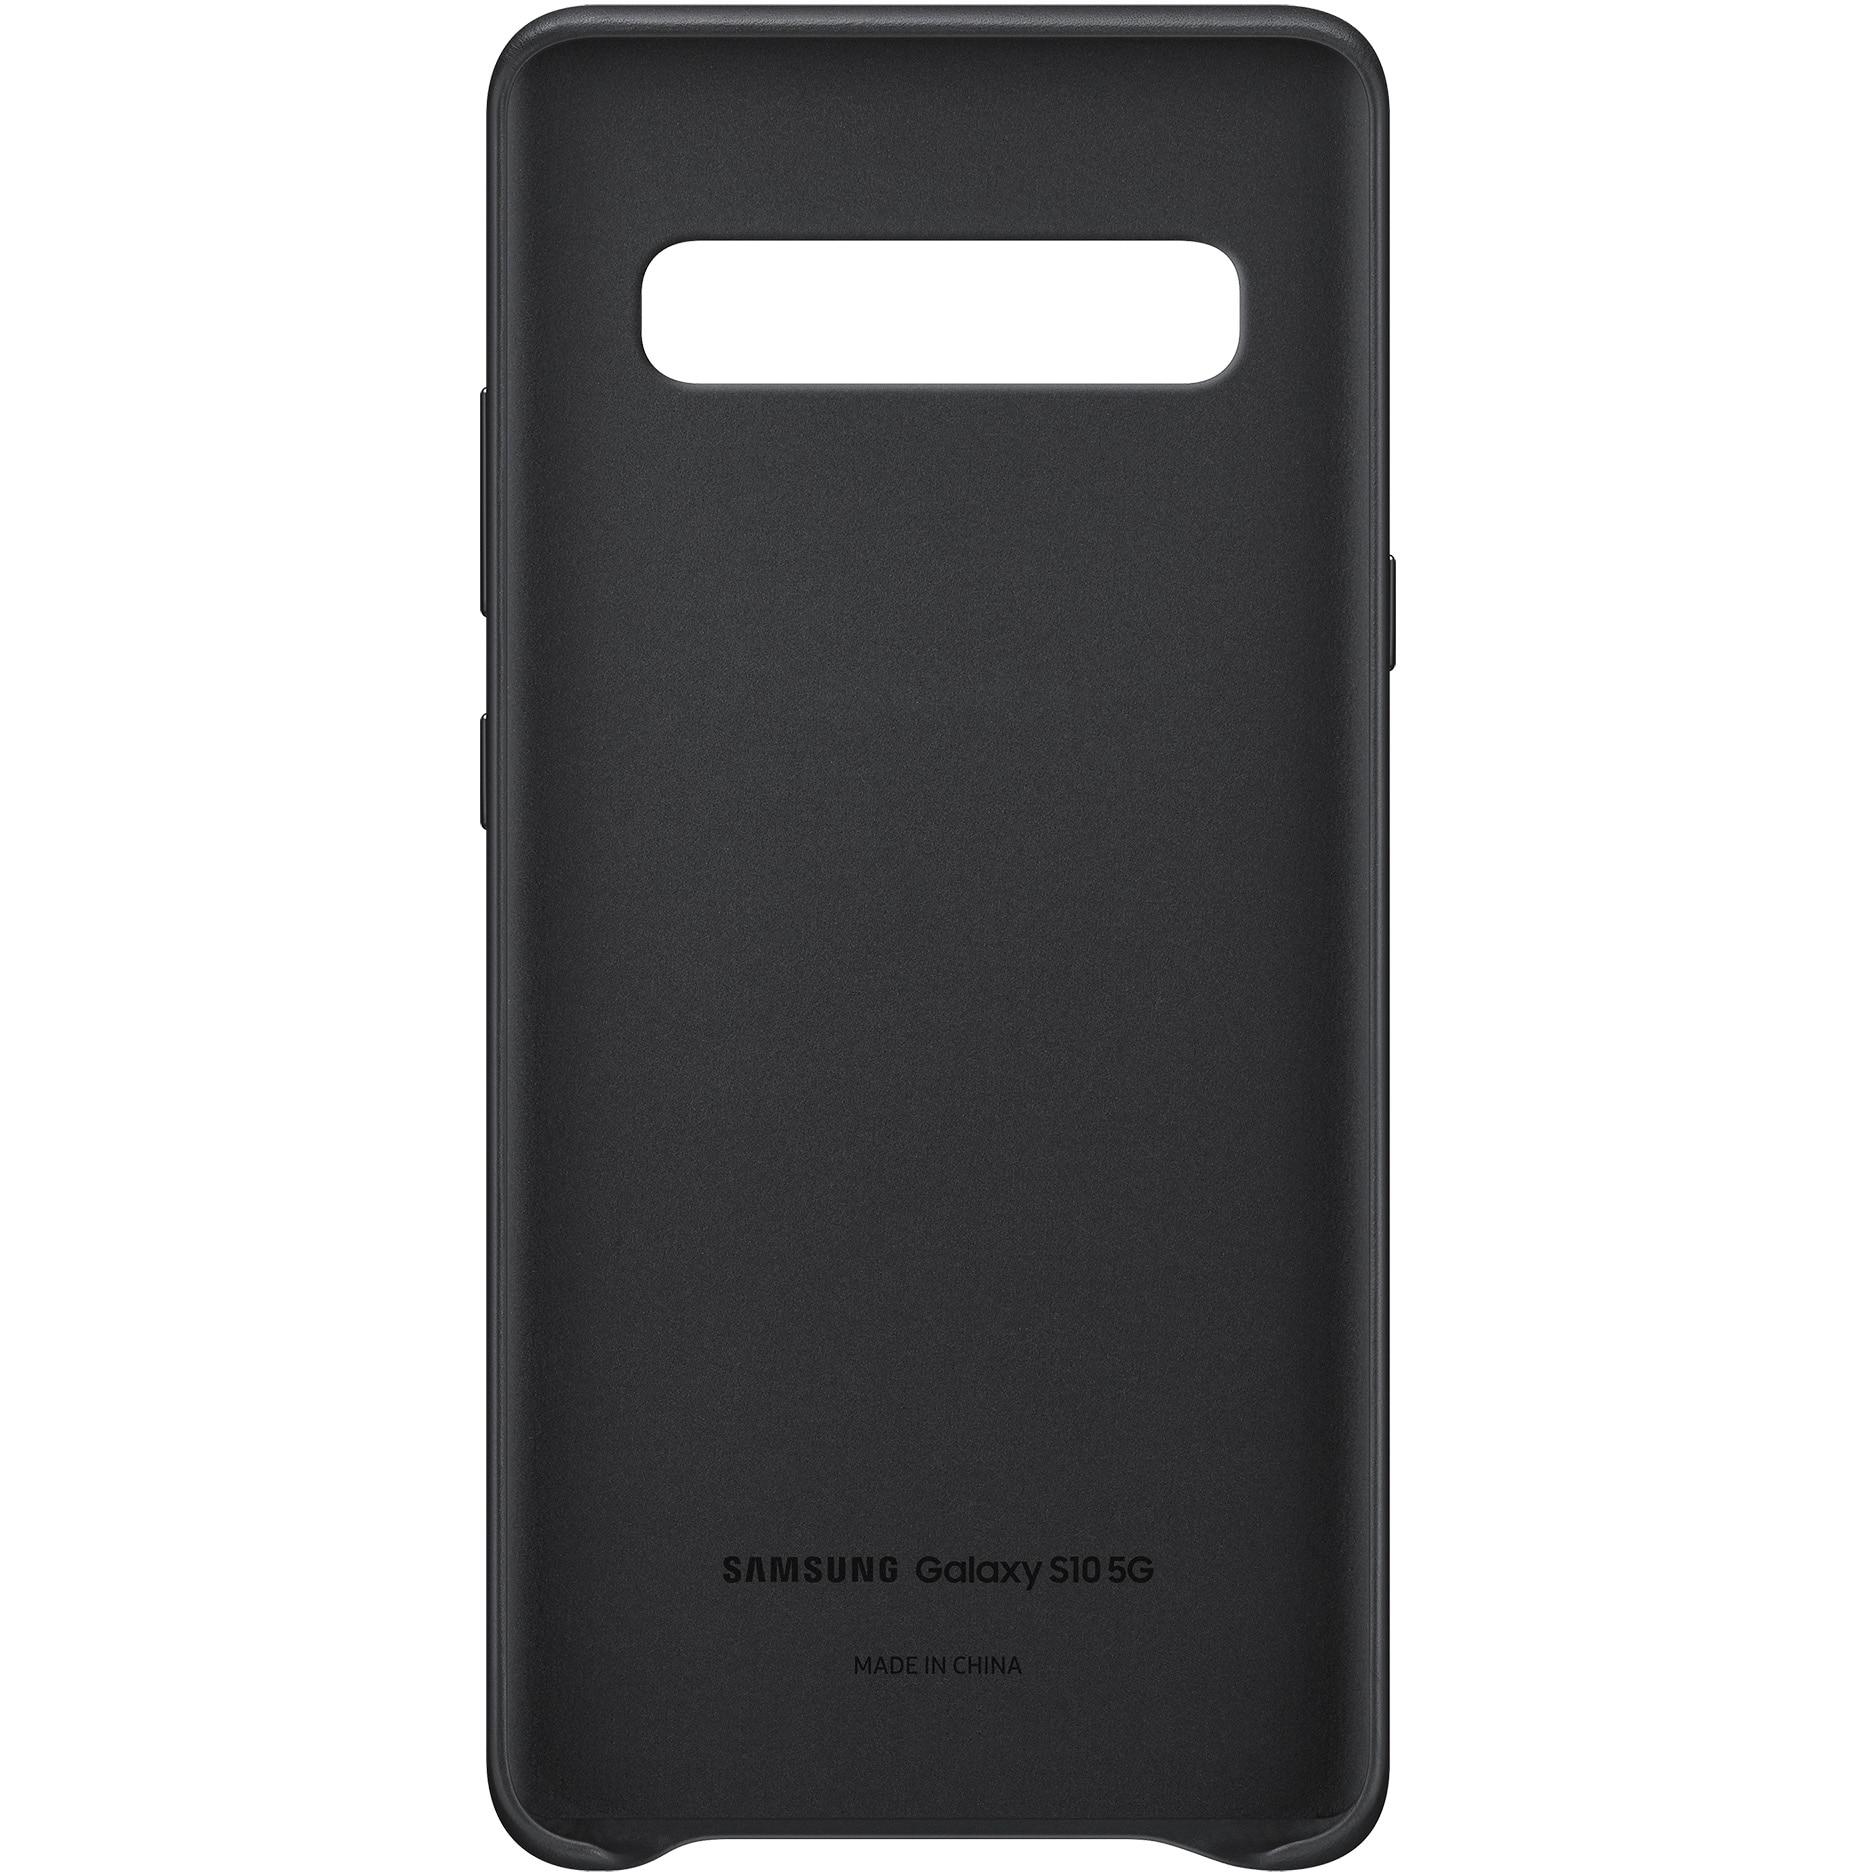 Fotografie Husa de protectie Samsung Leather Cover pentru Galaxy S10 5G, piele, Black